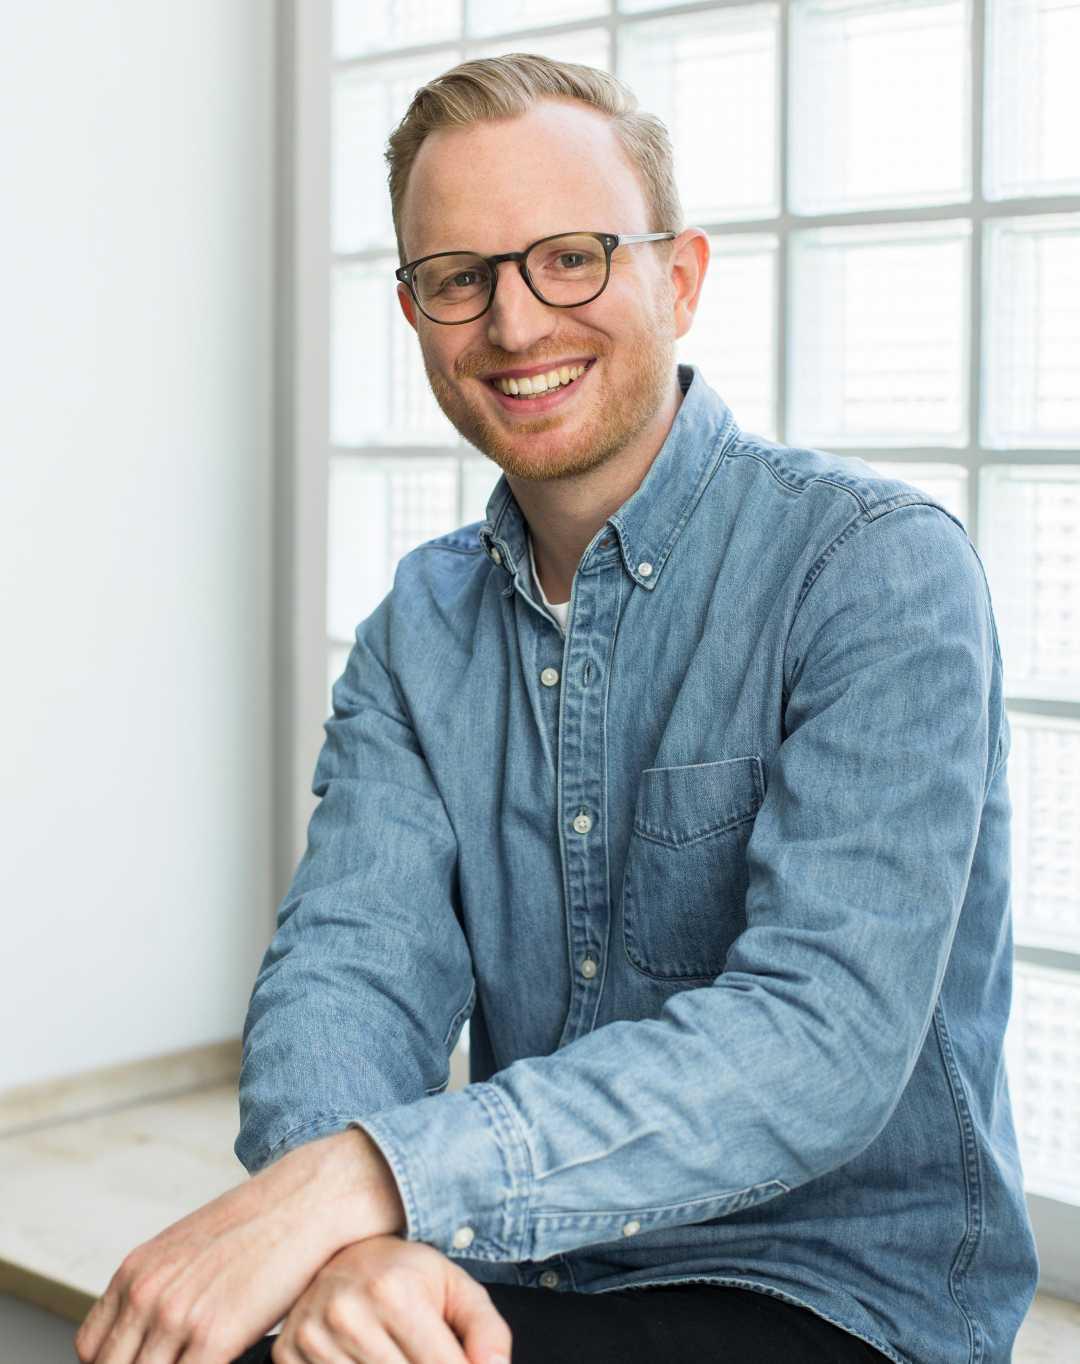 Timo Bergmann, Head of E-Commerce